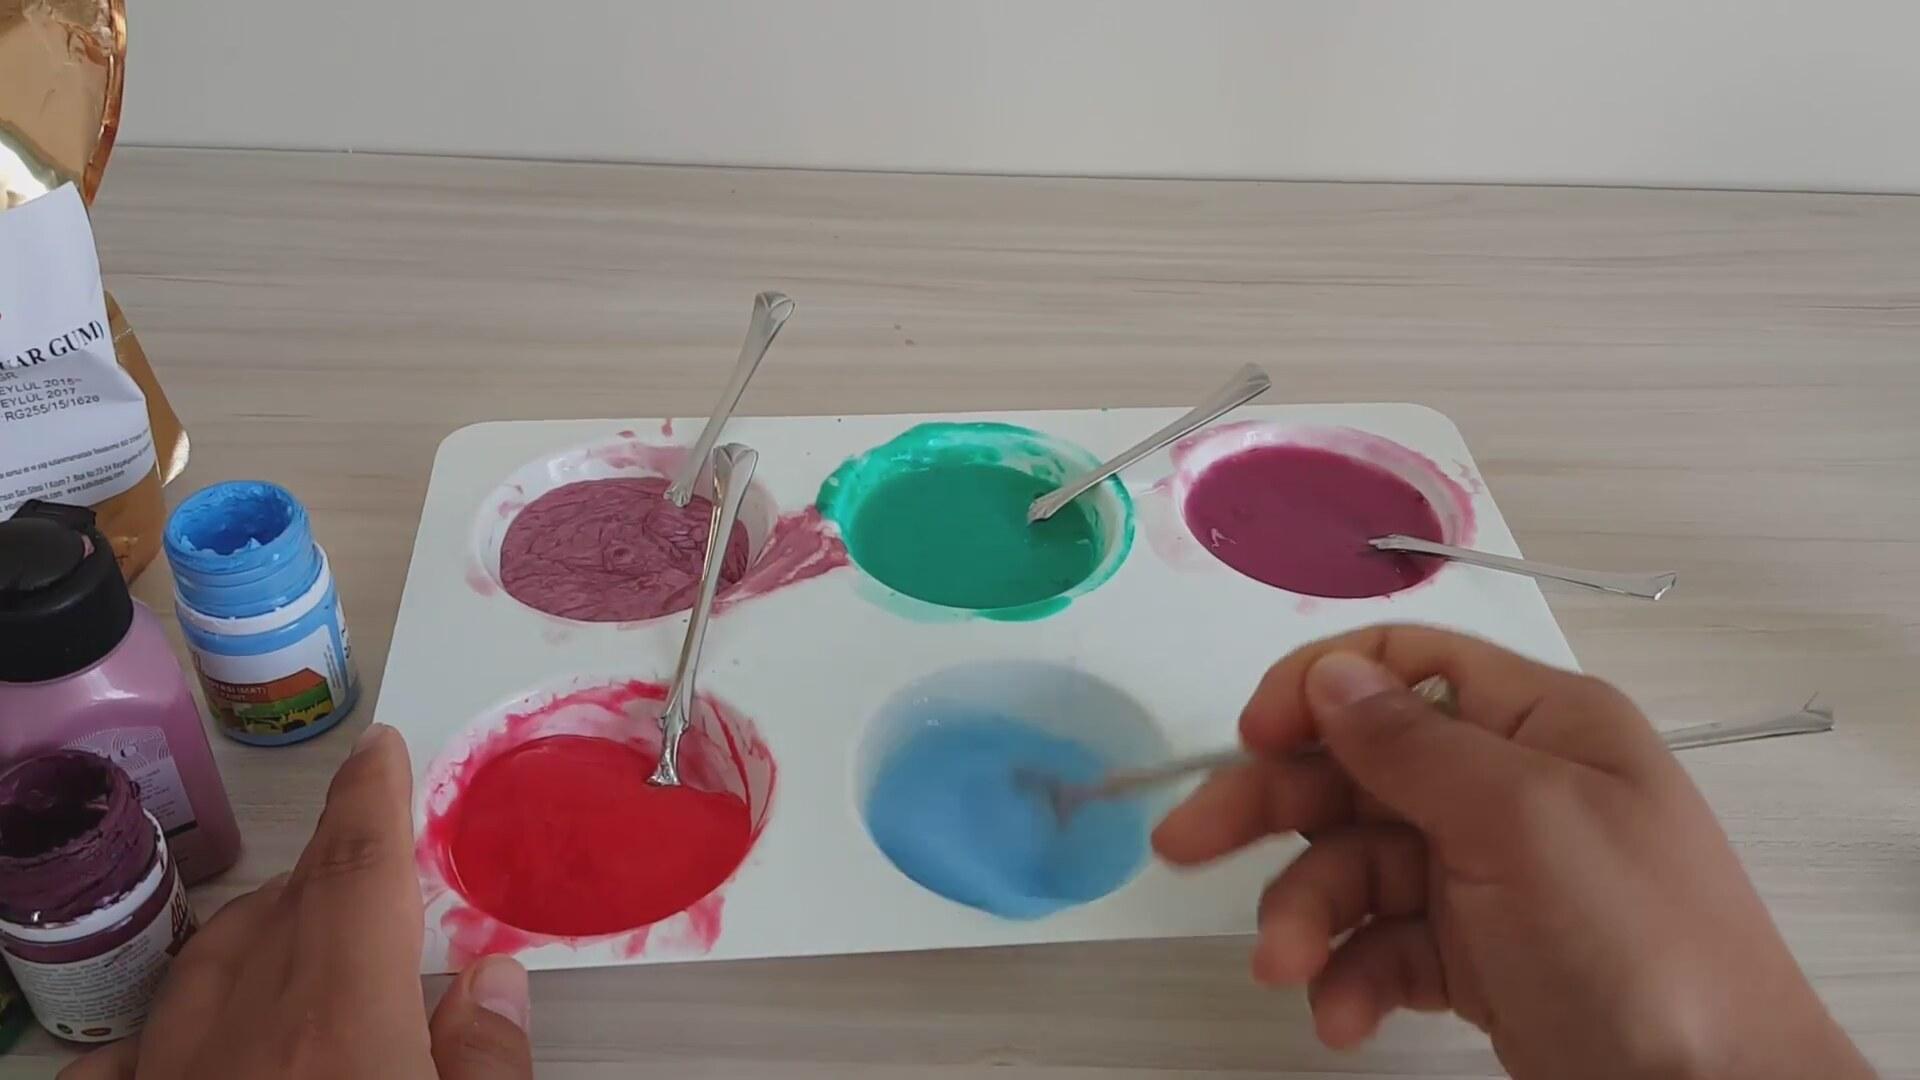 Tutkalsız Slime 6 Farklı Renk Ile Slime Izlesenecom